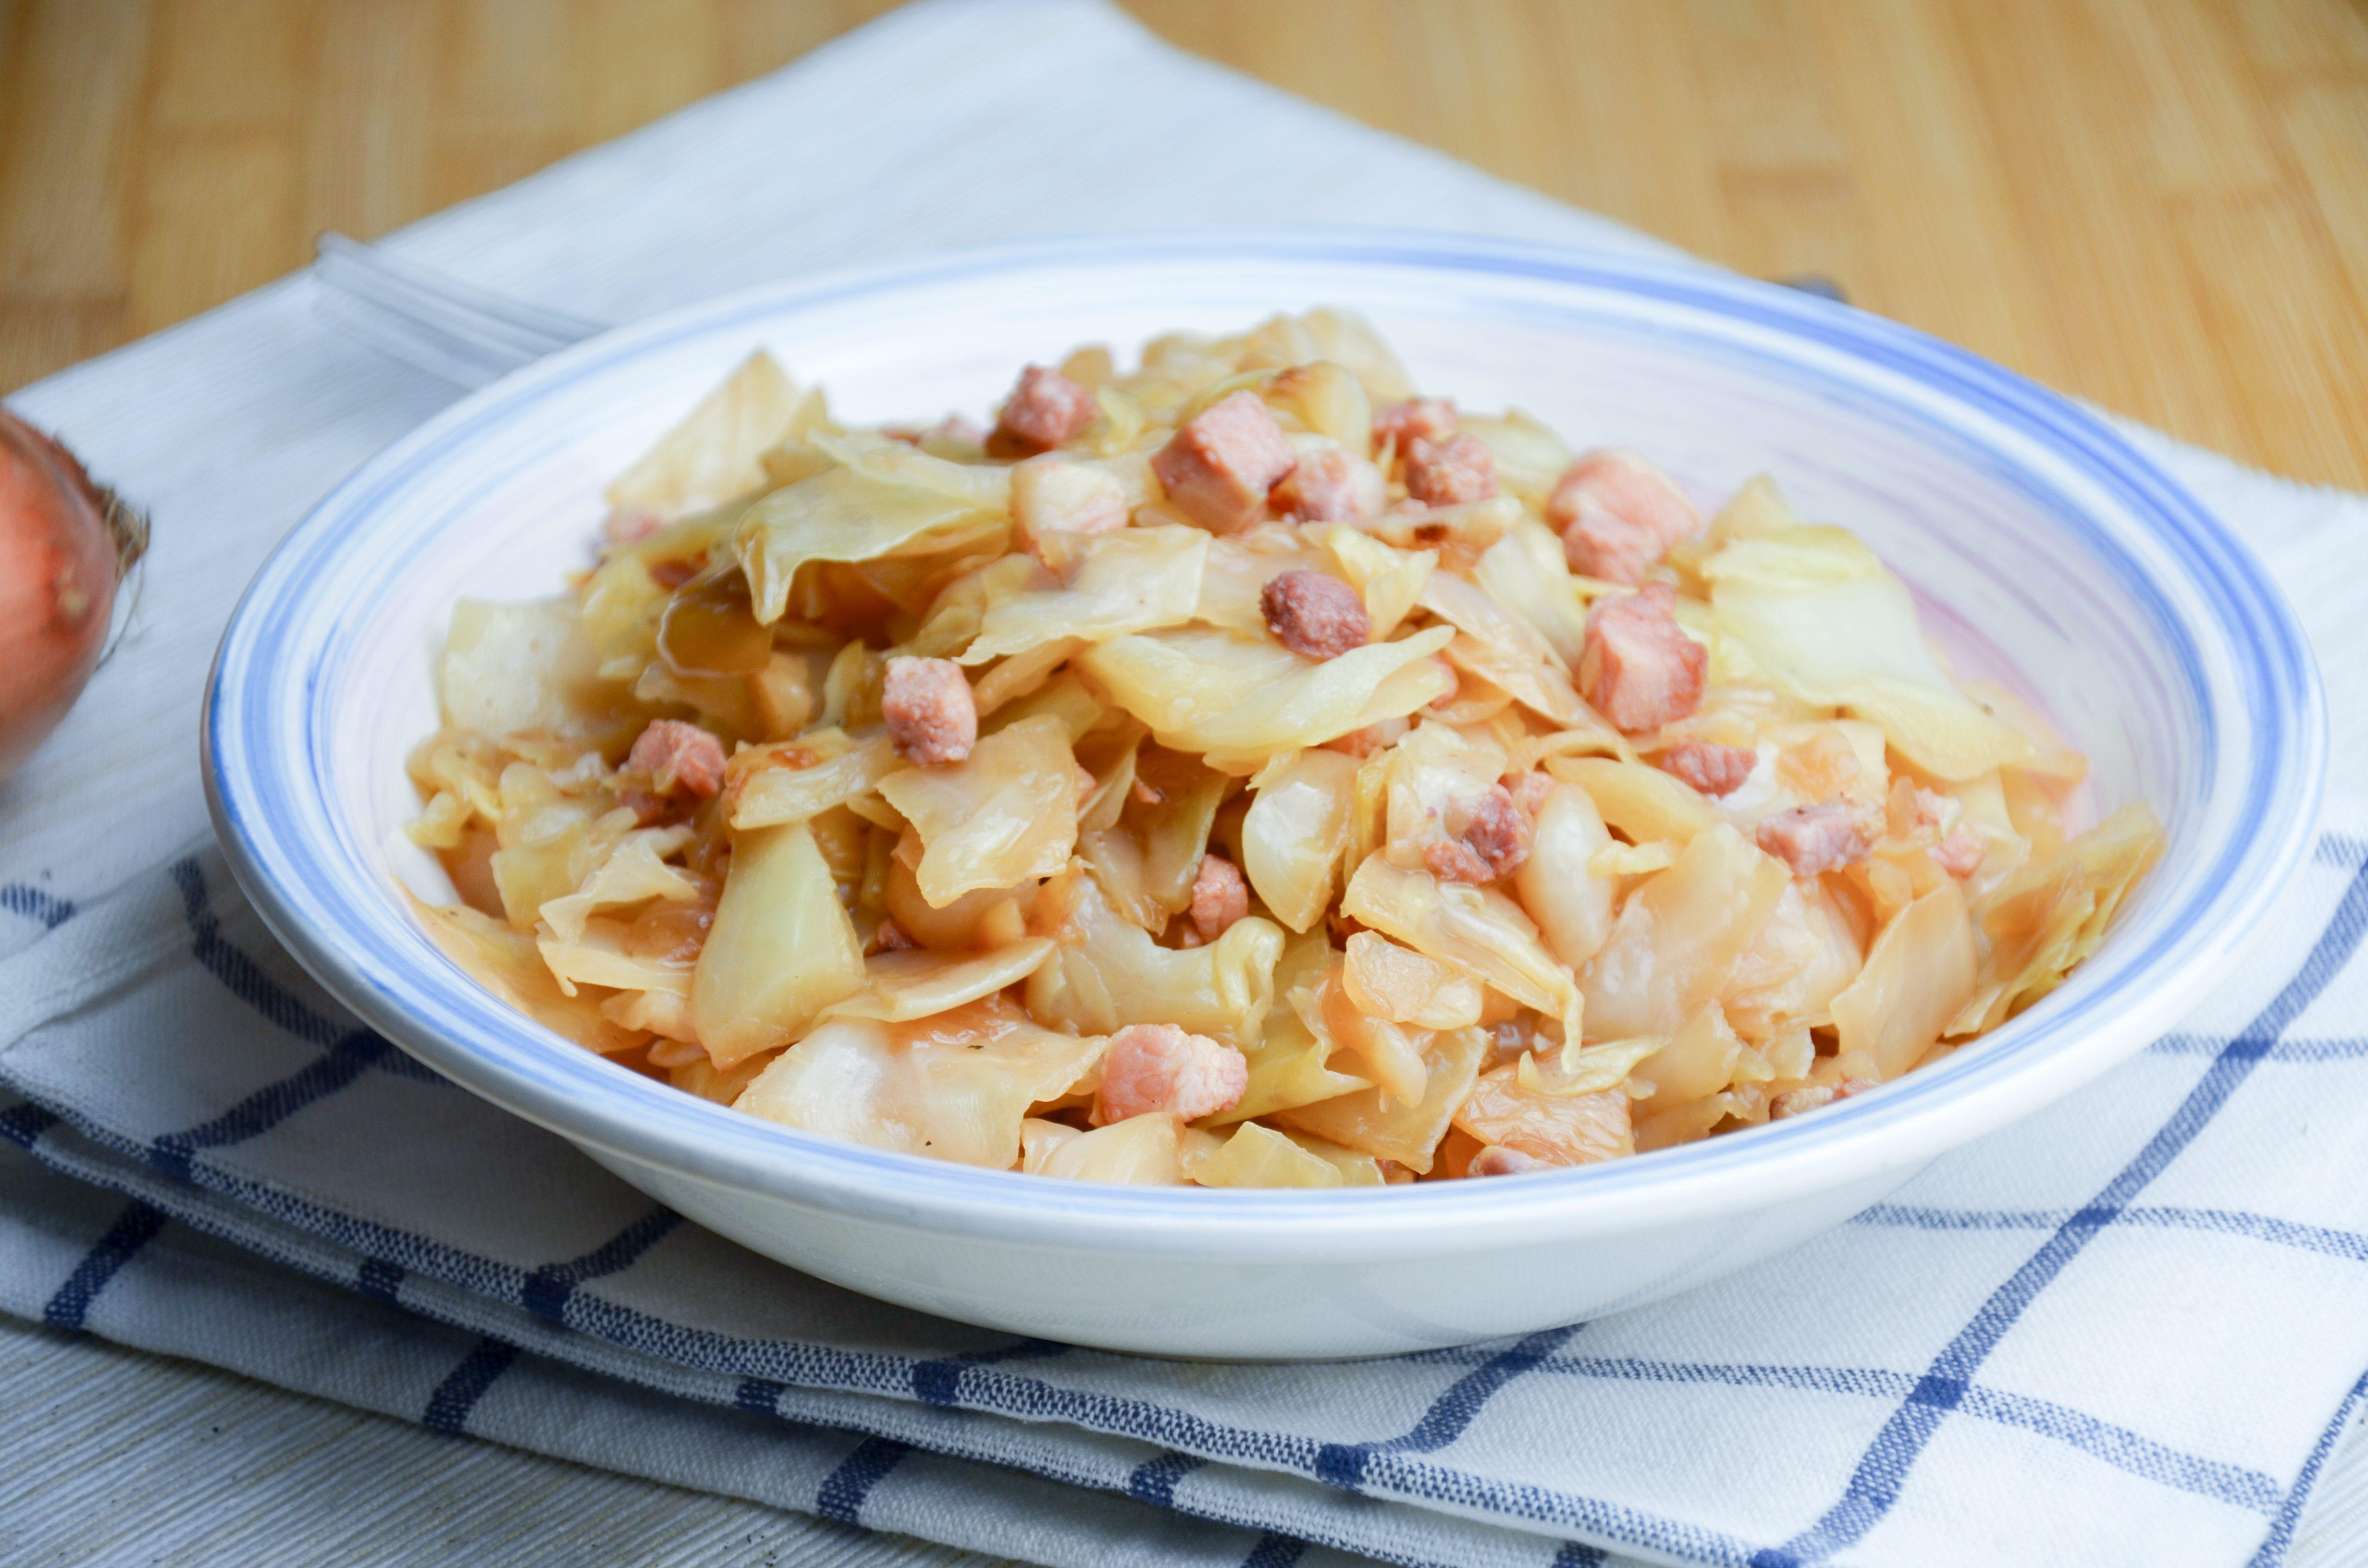 Crauti e pancetta in tegame: la ricetta del contorno ricco e saporito